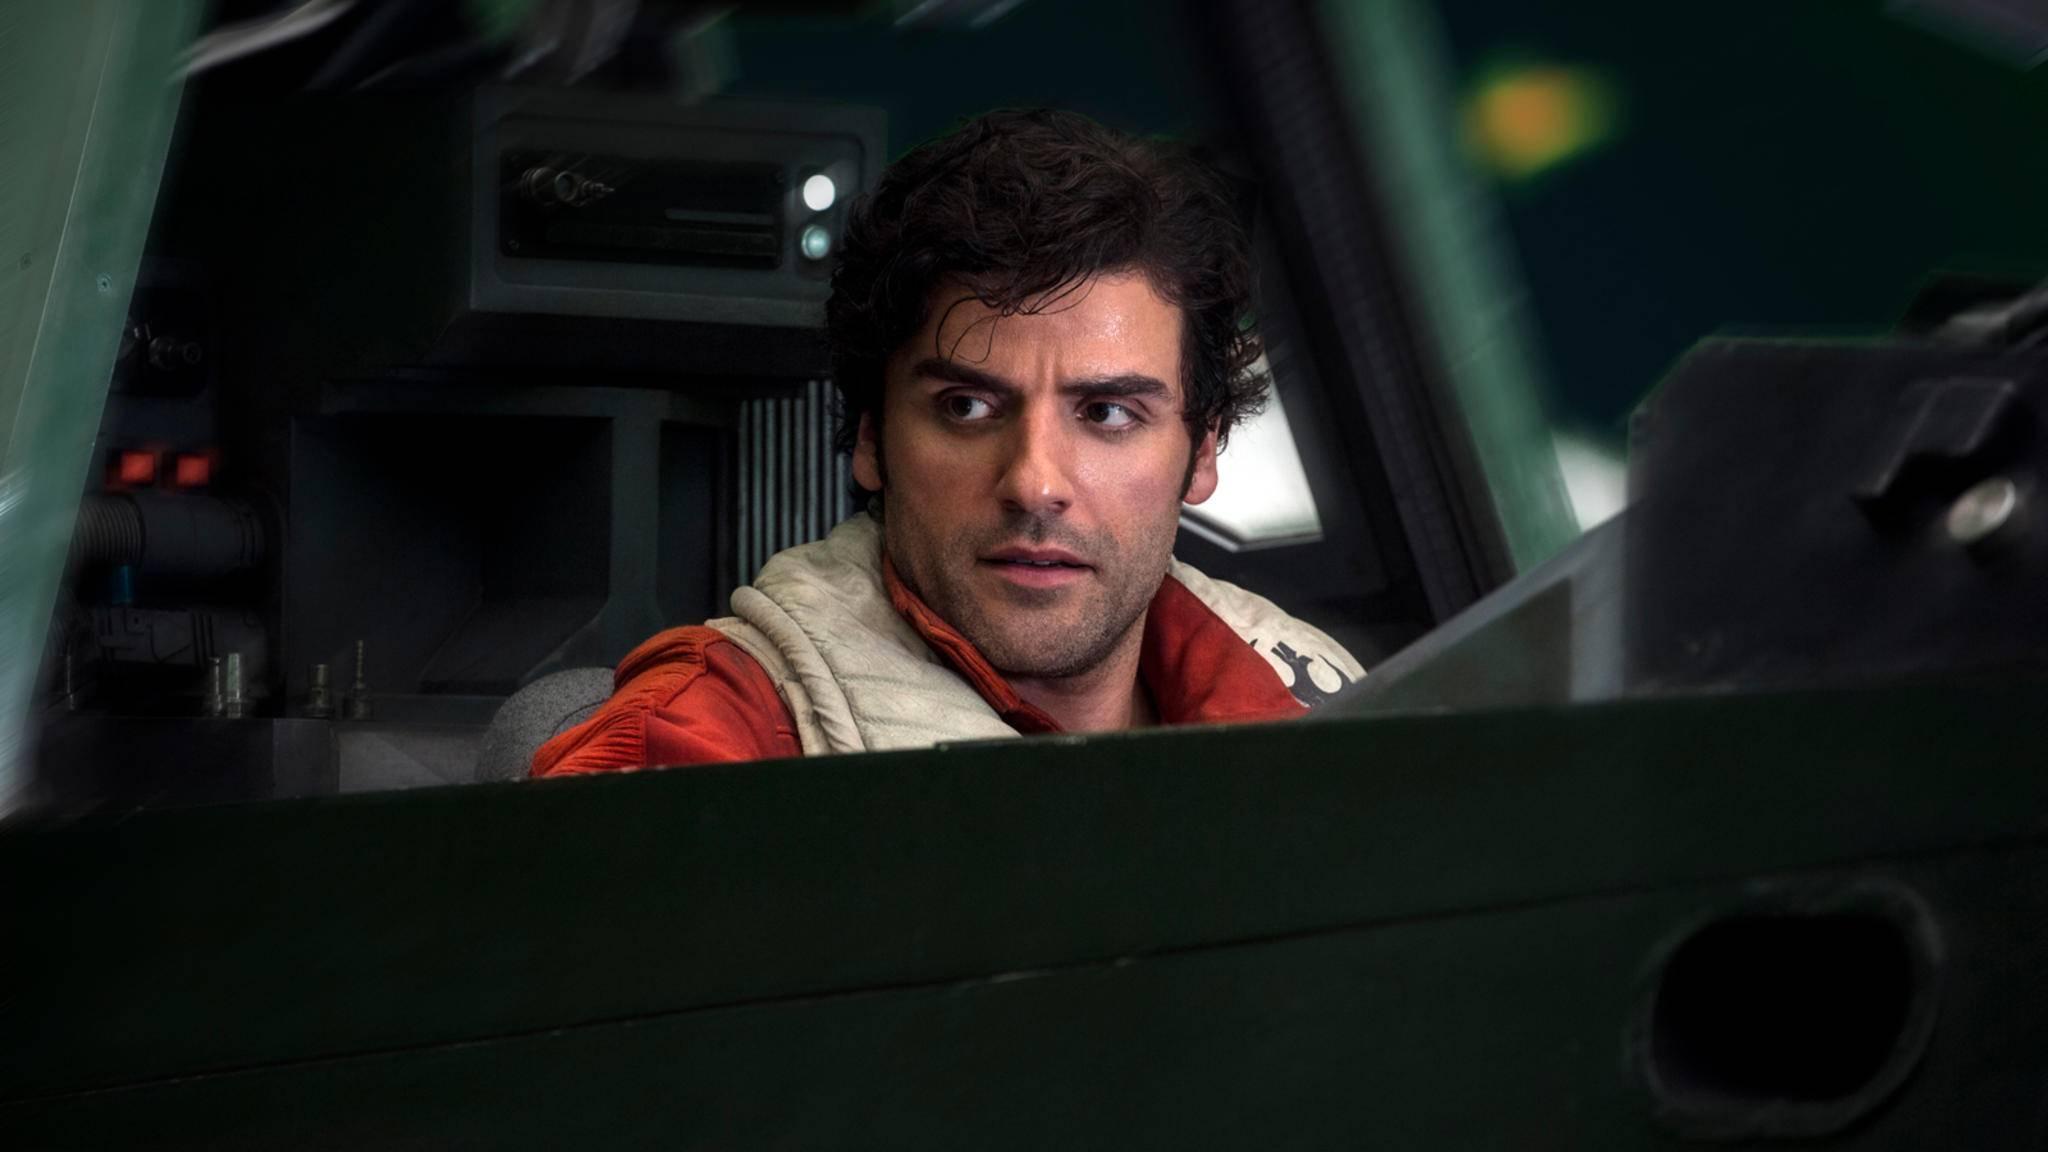 """Hier ist er noch in """"Star Wars"""" zu sehen, aber bald übernimmt Oscar Isaac eine tragende Rolle in """"Dune""""."""